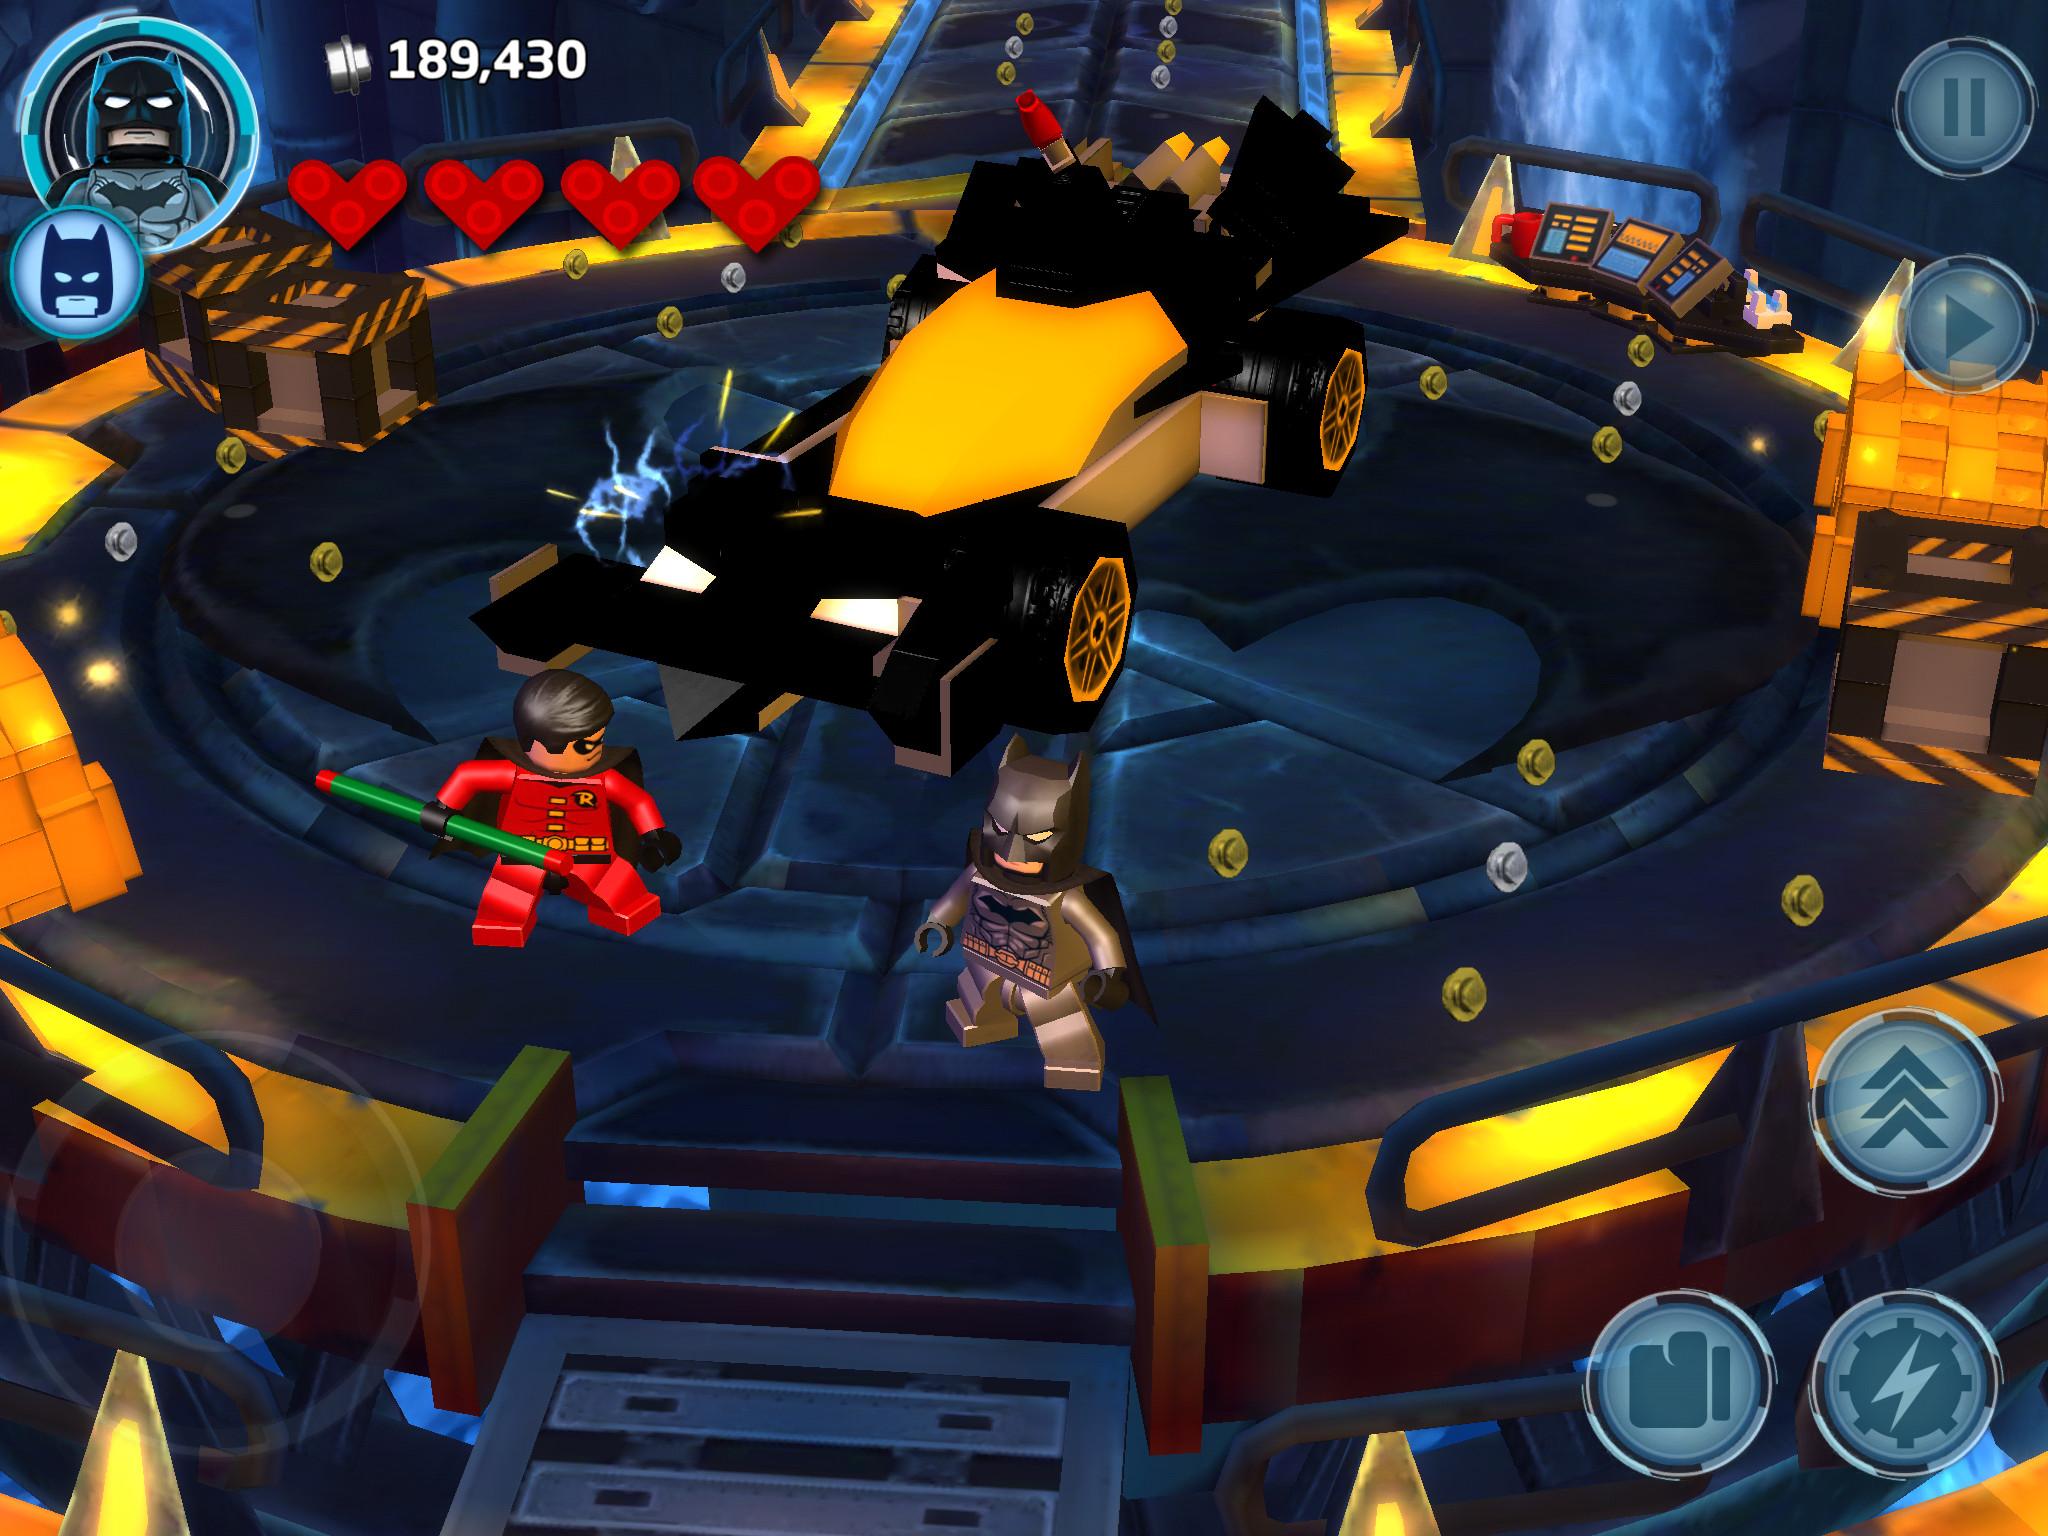 скачать игру лего бэтмен